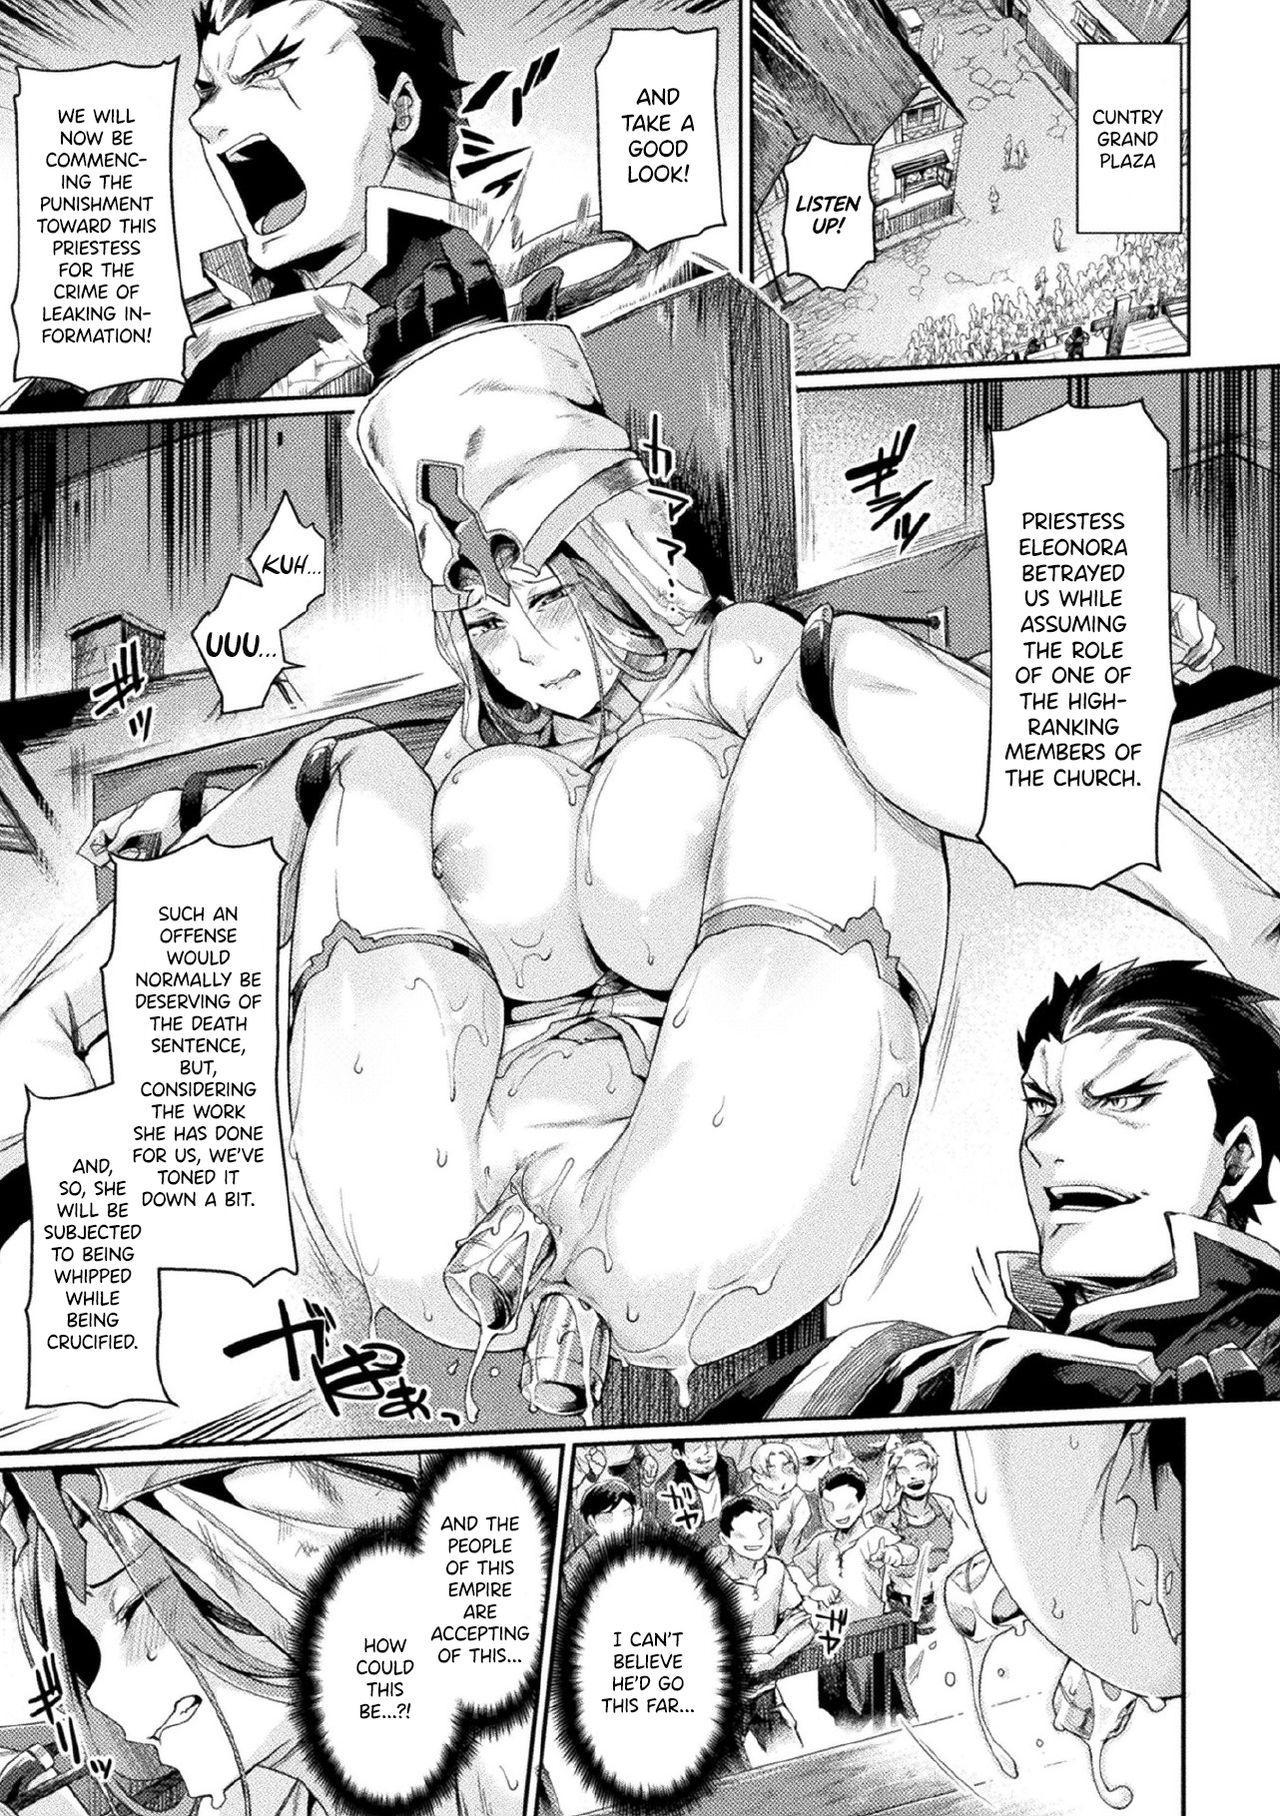 [Tsukitokage] Kuroinu II ~Inyoku ni Somaru Haitoku no Miyako, Futatabi~ THE COMIC Chapter 2 (Haiboku Otome Ecstasy Vol. 21) [English] {Hennojin} [Decensored] [Digital] 14